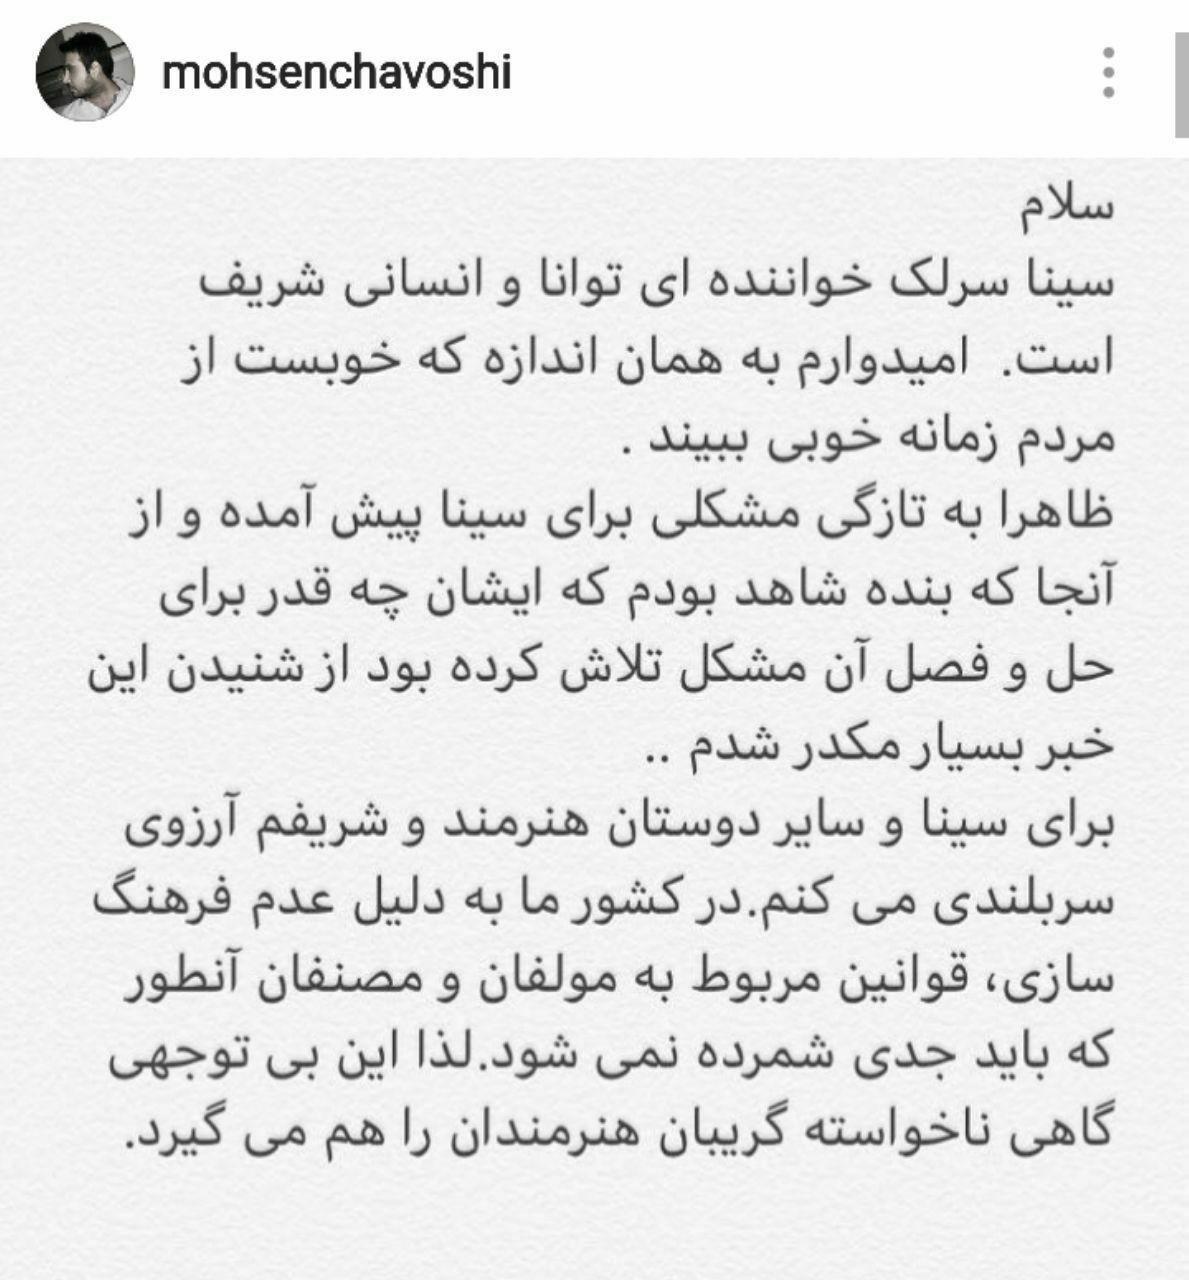 واکنش اینستاگرامی محسن چاوشی به خبر محکومیت سینا سرلک